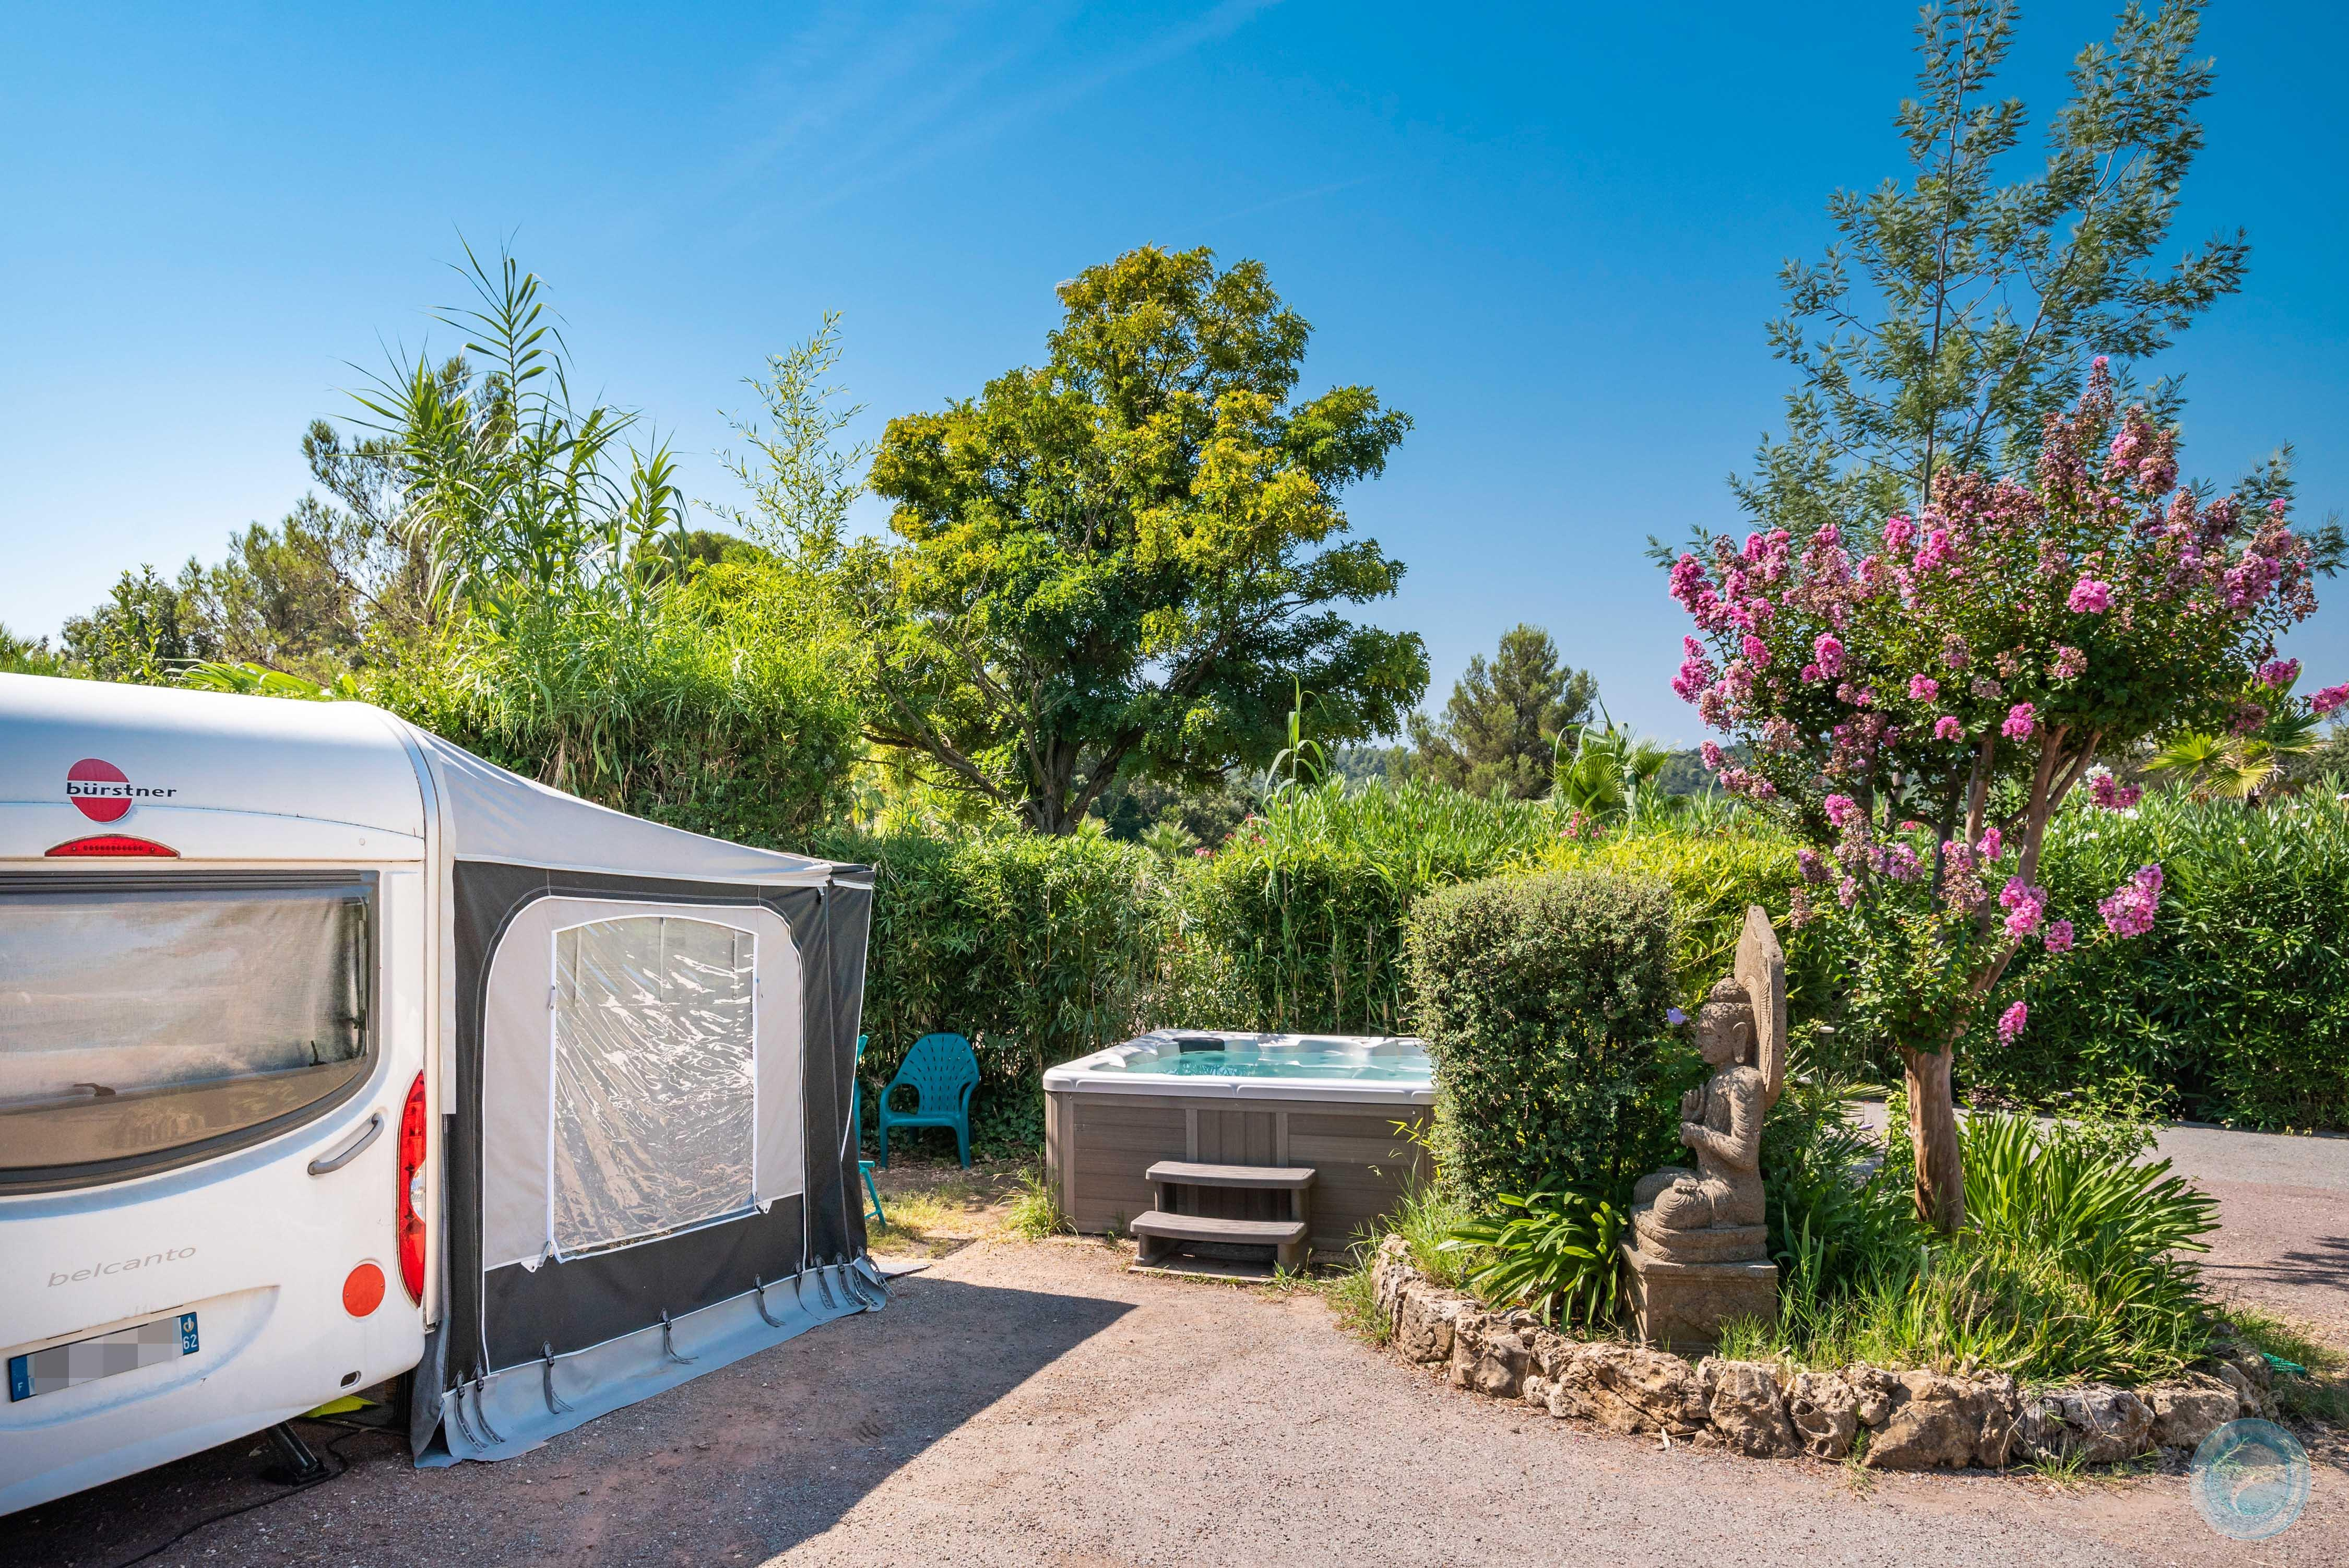 Emplacement - Emplacement 'Palace De Luxe' Caravane / Campingcar (Attention Pas De Tente) - Esterel Caravaning